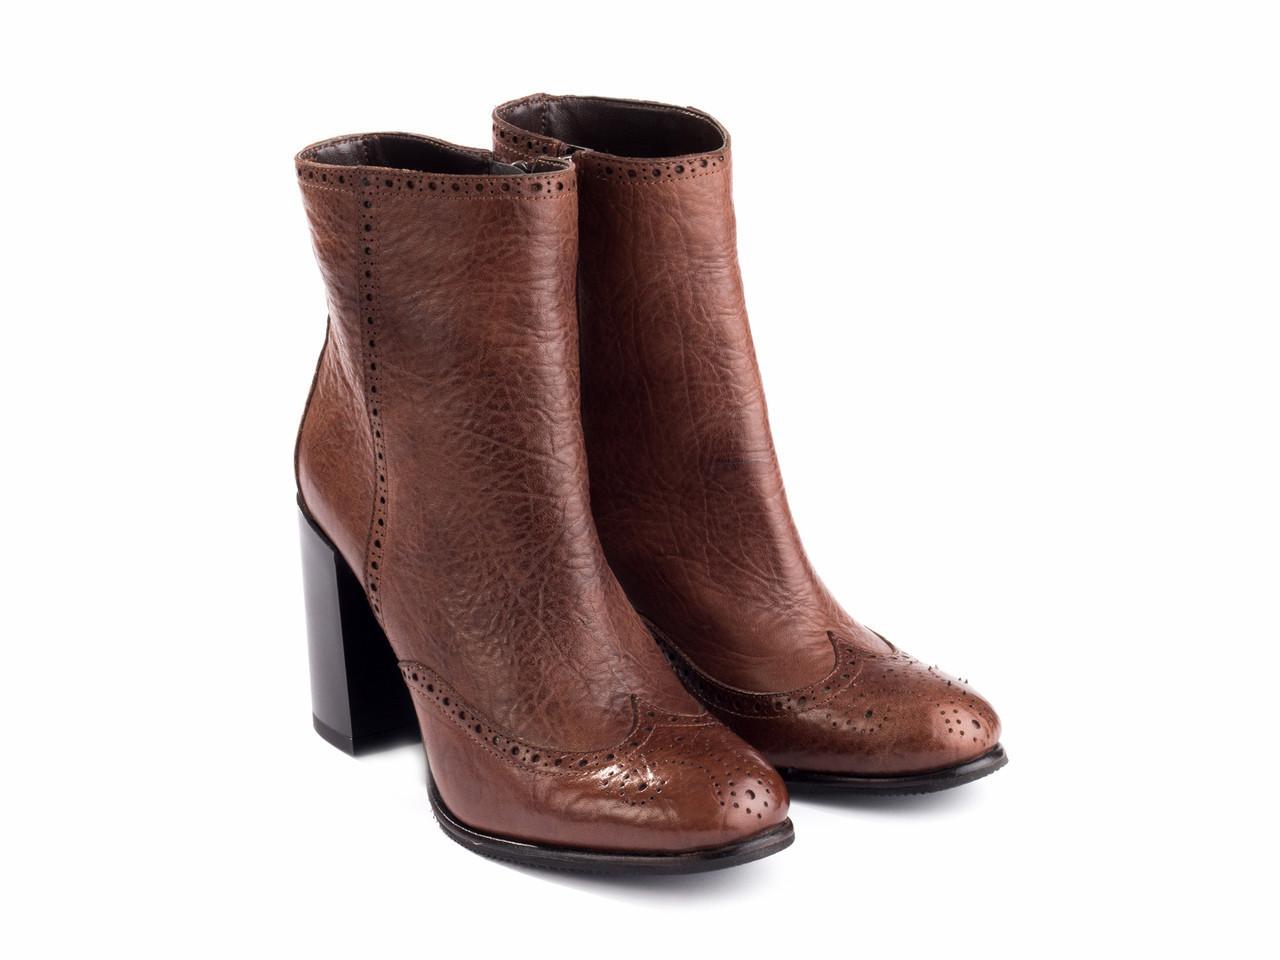 Ботинки Etor 5670-012-1440-1 38 коричневые